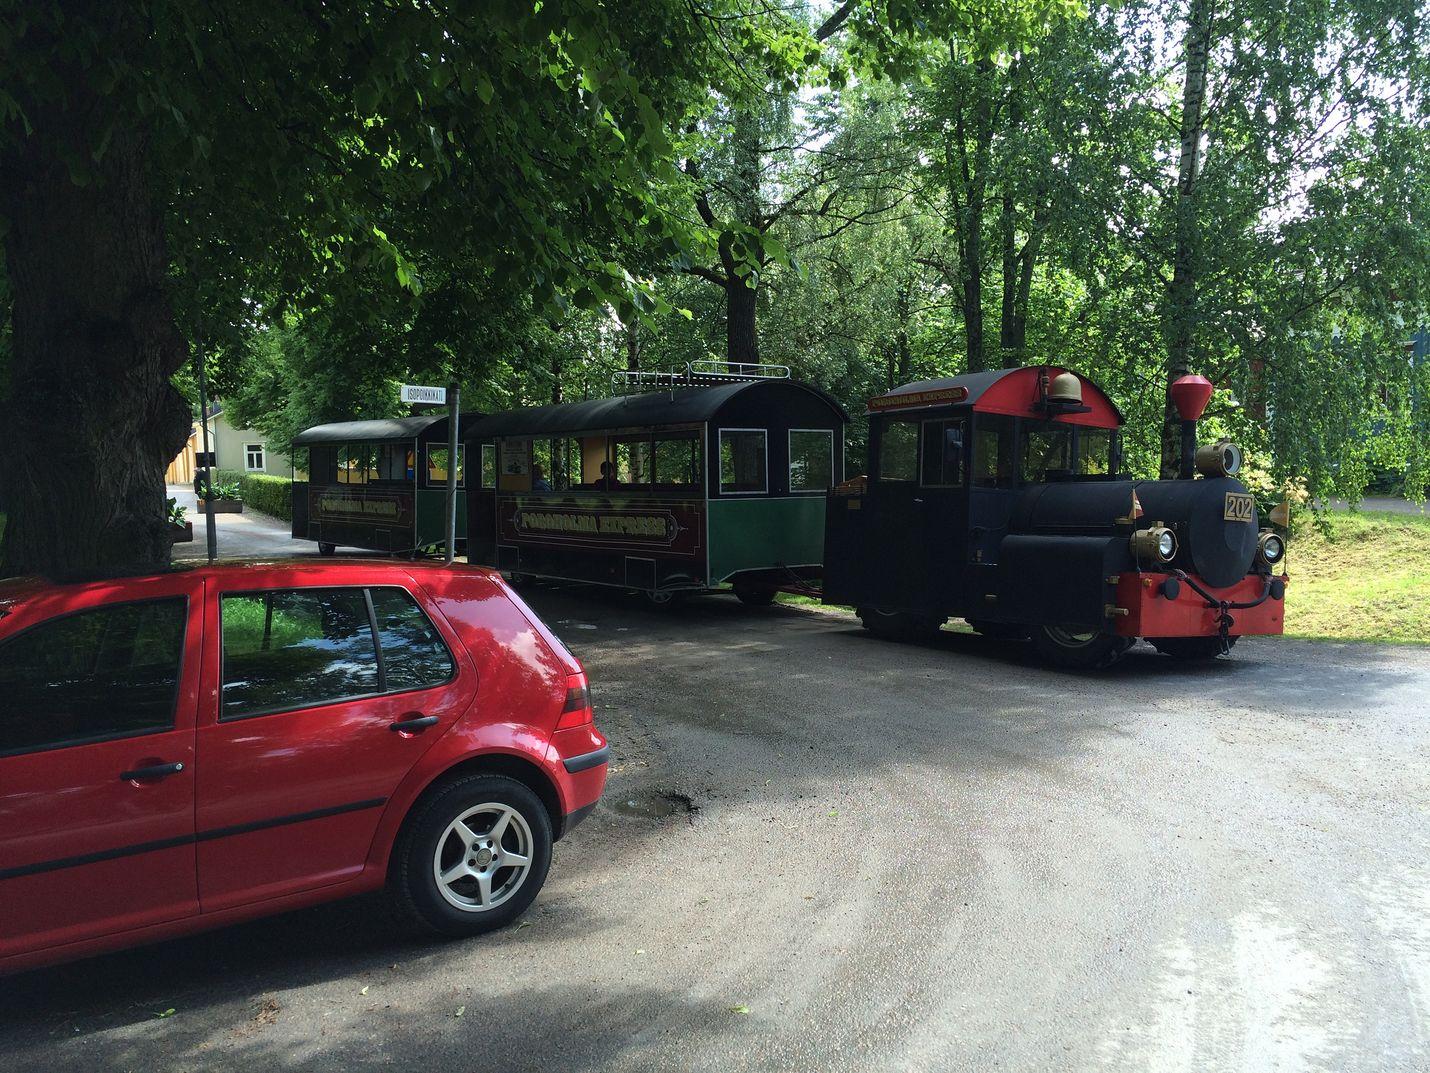 Kaupunkijuna seisoi tunnin paikoillaan väärin risteysalueelle pysäköidyn auton vuoksi. Kuva: Jussi Hietikko